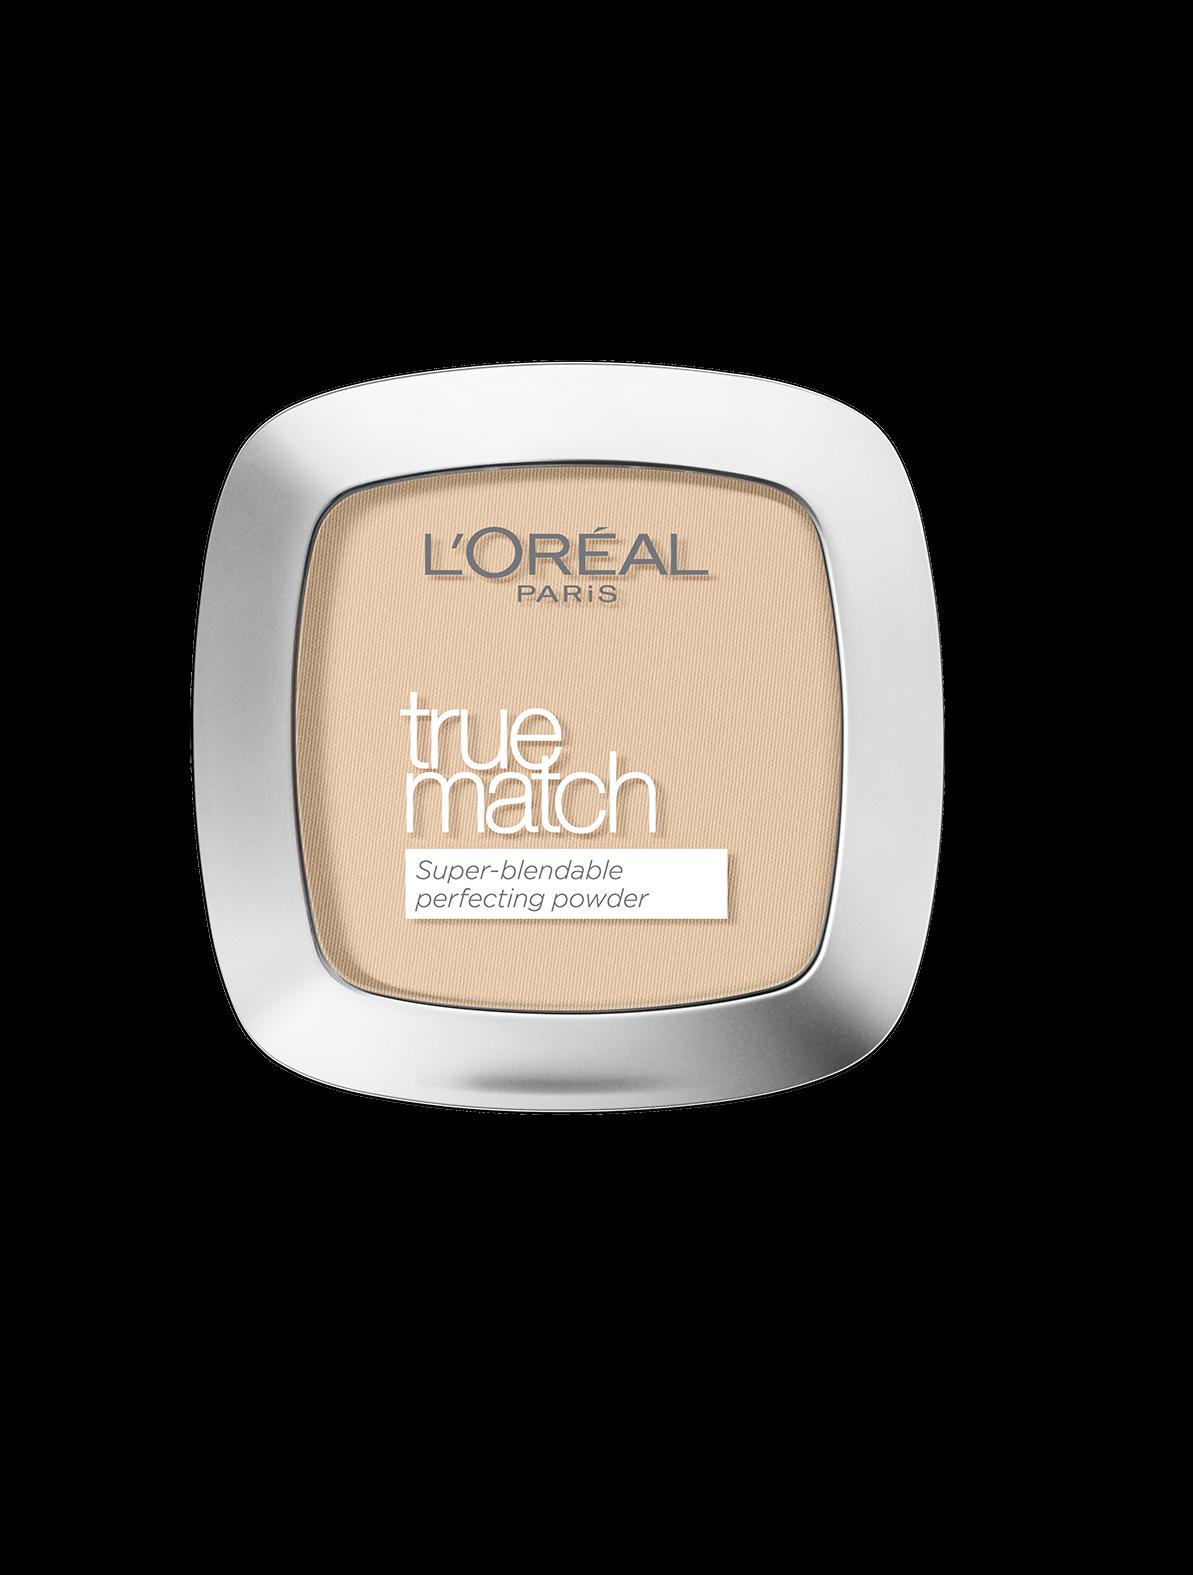 L'Oréal - True Match Powder